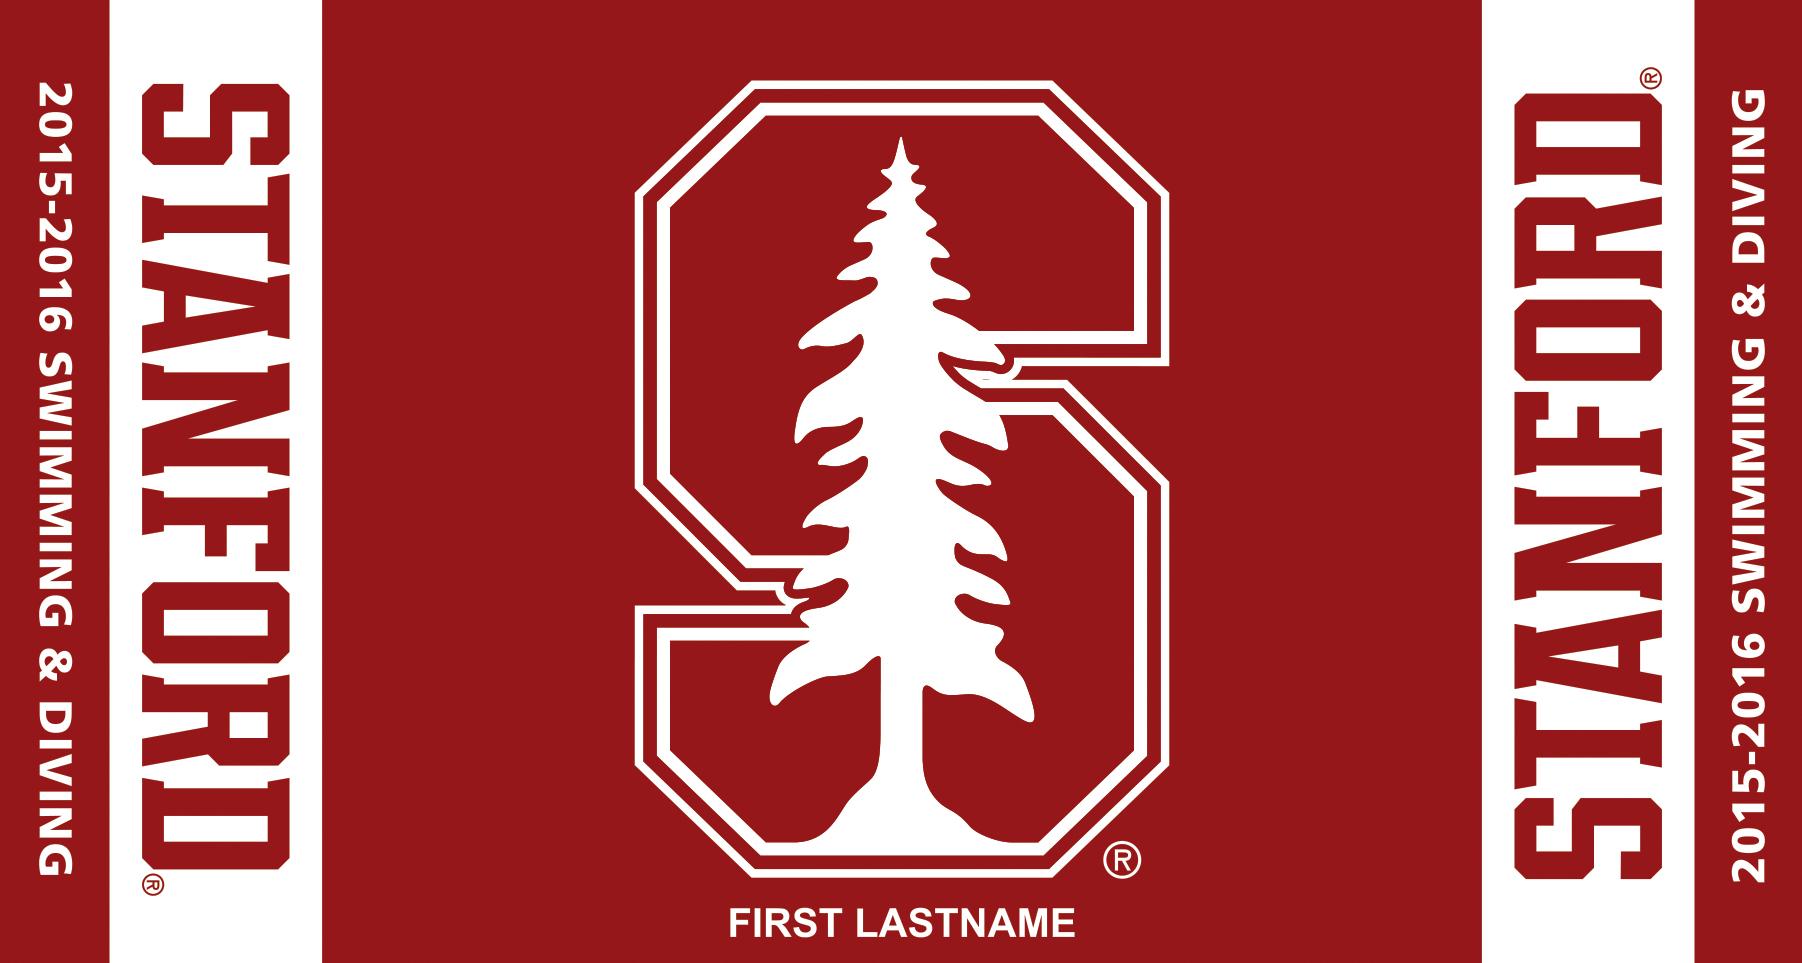 00327_Stanford-2015_30x60_V1